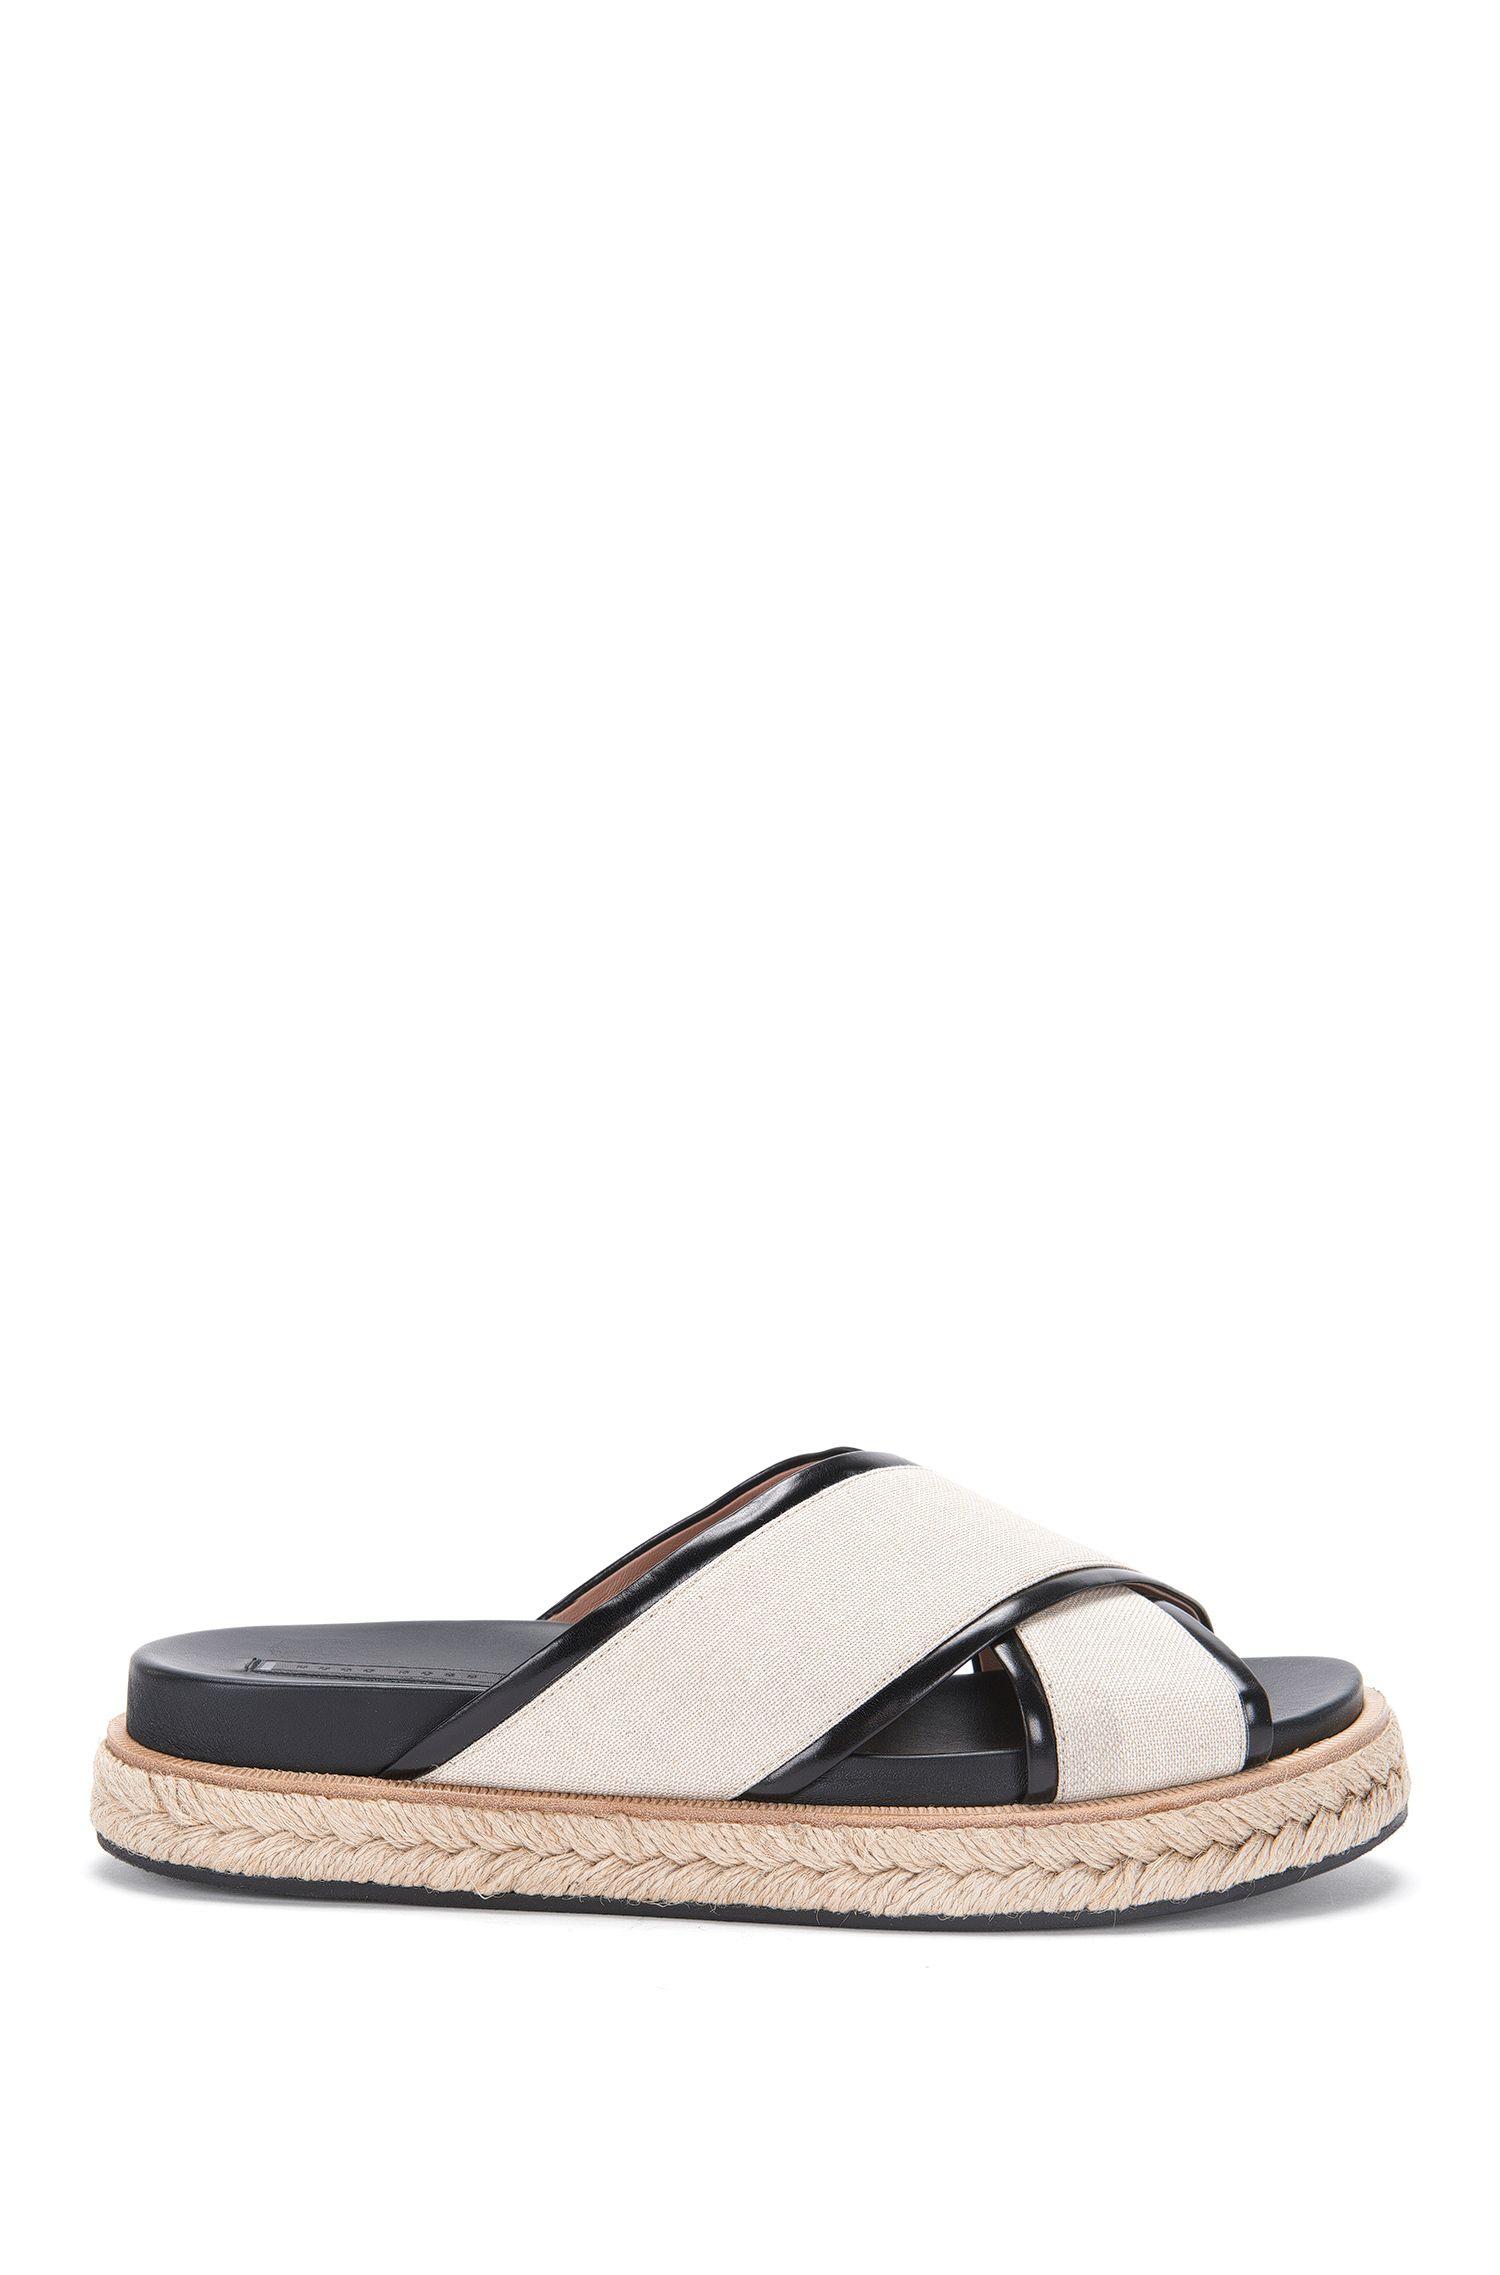 'Crisscross Sandal' | Calfskin Jute Canvas Sandals